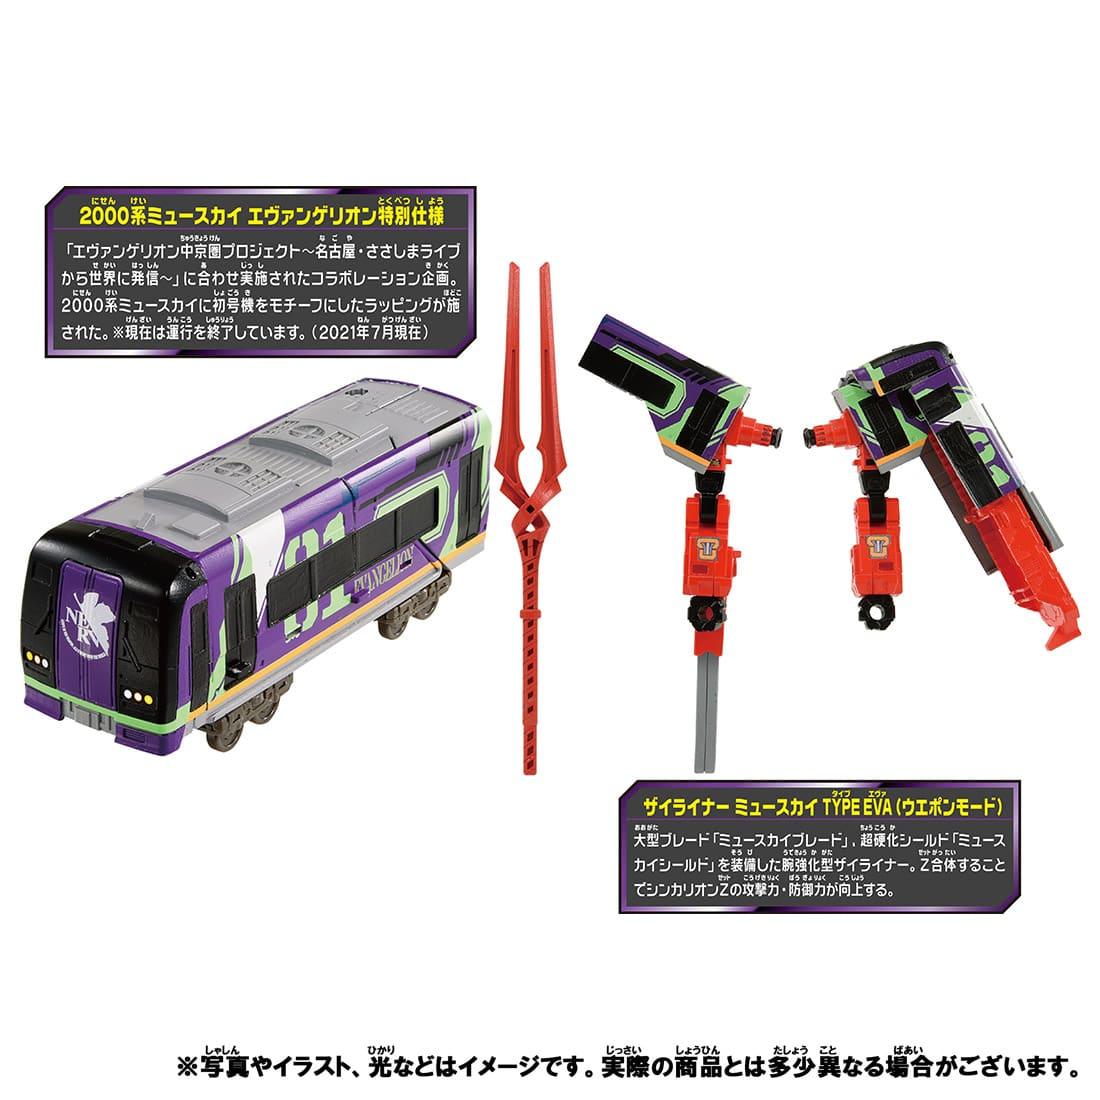 新幹線変形ロボ シンカリオンZ『シンカリオンZ 500 ミュースカイ TYPE EVA』可変合体プラレール-004